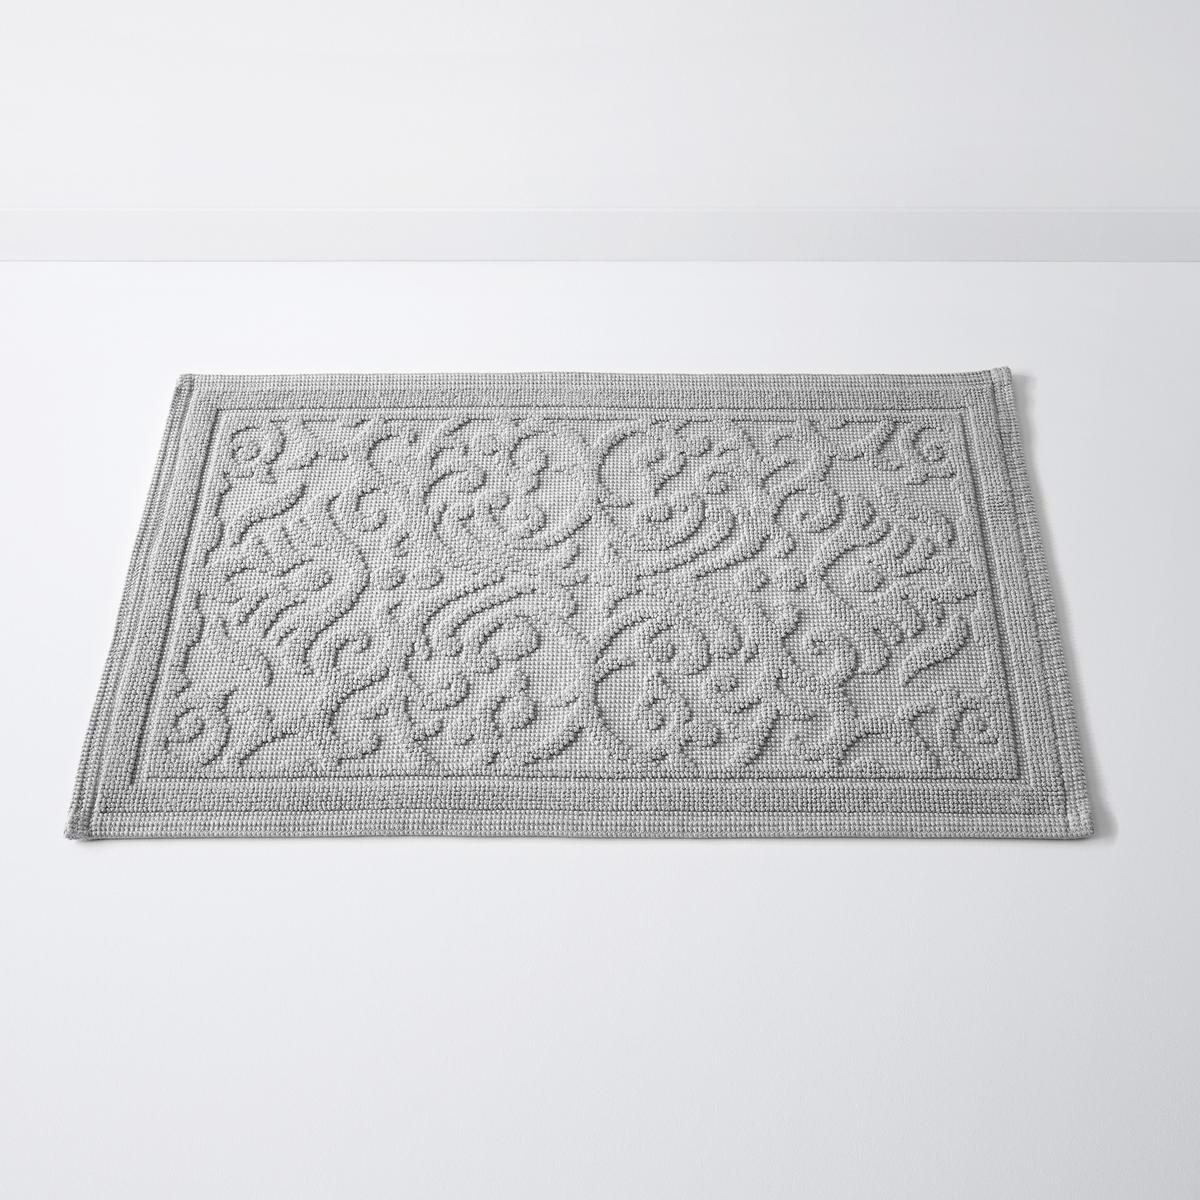 Коврик для ваннойс рельефным рисункомDAMASK, 100% хлопок (1500 г/м?)Коврик для ванной, качество Best, с рельефным рисунком, 100% хлопок. Изысканный рельефный рисунок украшает этот коврик для ванной, который принесет в Вашу ванную комнату 100% декора высшего класса и 100% качества Best! Характеристики:Материал: 100% хлопок (1500 г/м?).Противоскользящее покрытие с изнанки.Уход:Машинная стирка при 60°С.Размеры:50 x 70 см.<br><br>Цвет: бледно-розовый,серо-синий<br>Размер: 50 x 80  см